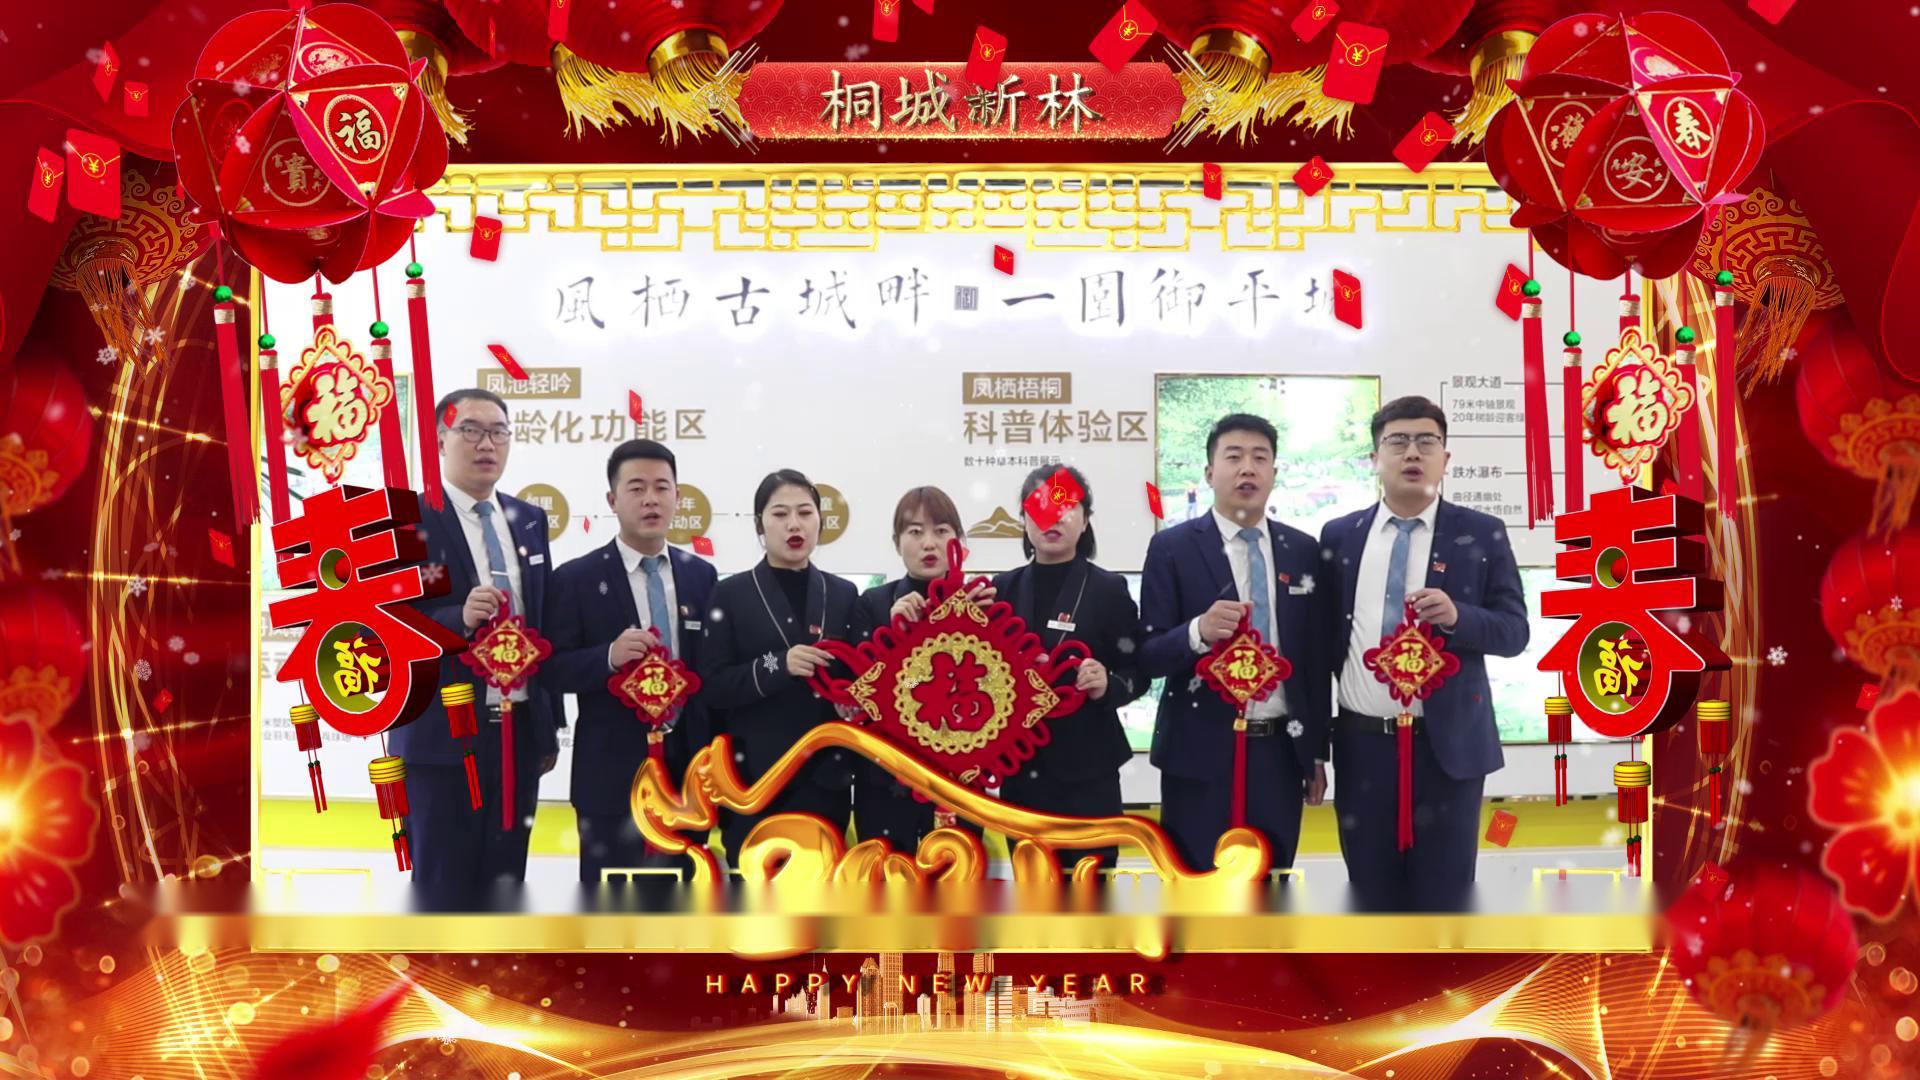 辞旧迎新的时刻 桐城新林2021新春大拜年!